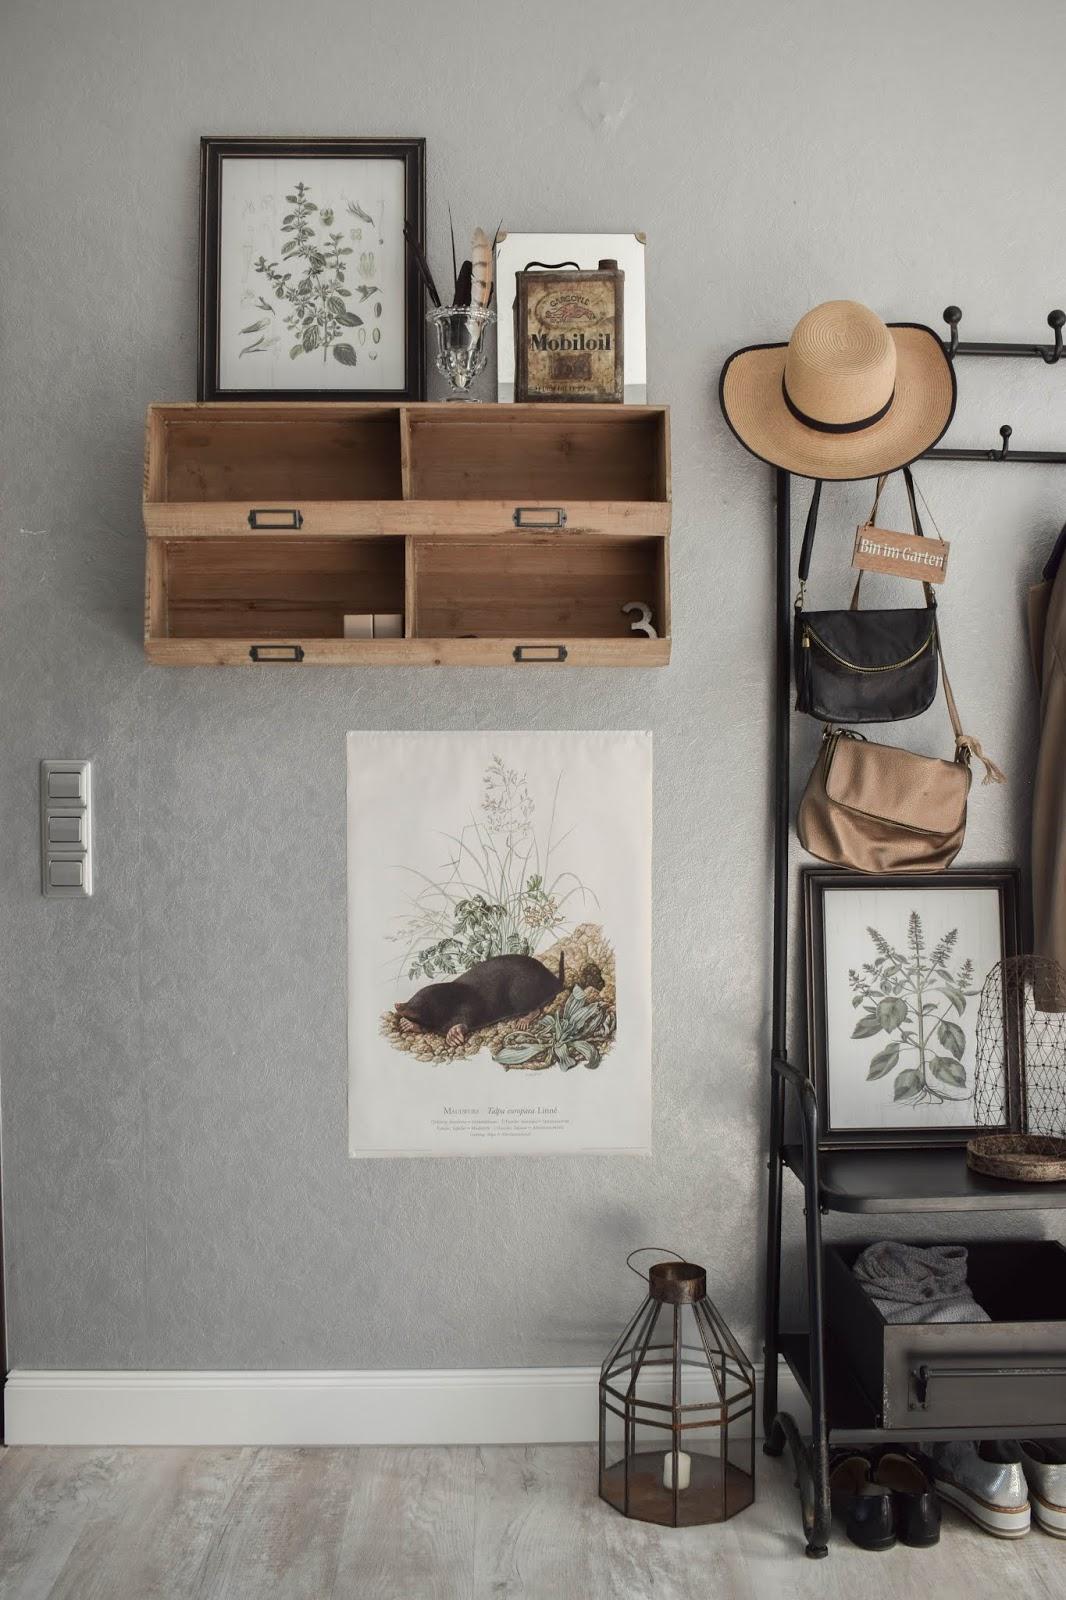 Garderobe Diele Flur Eingangsbereich Deko Dekoidee Interior Einrichtung botanisch 6